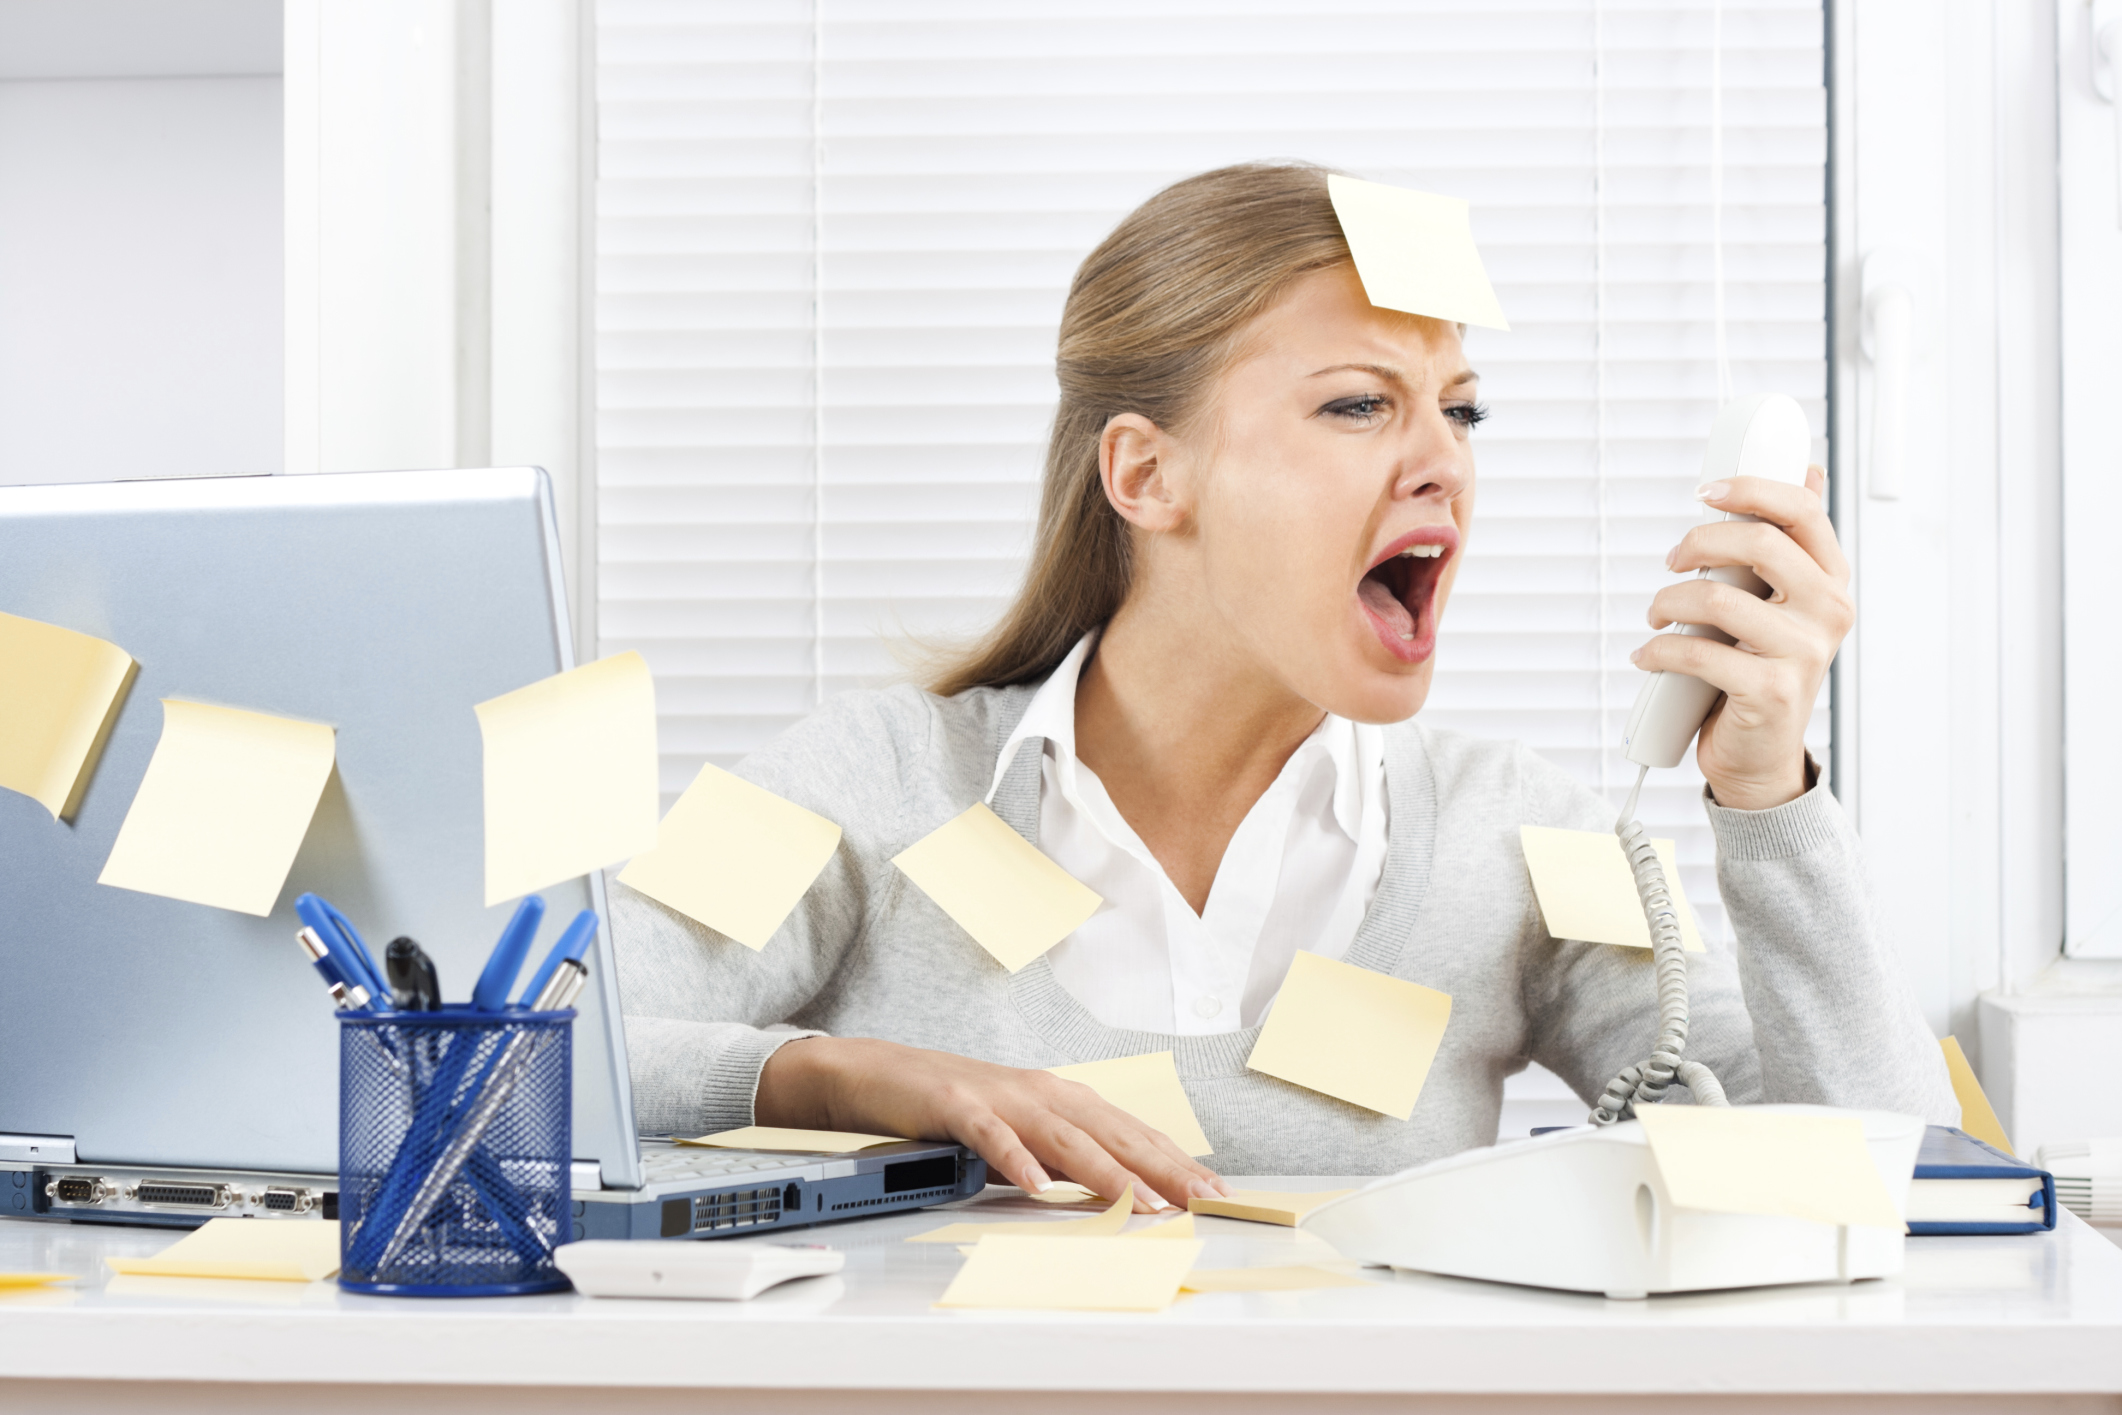 Развитию нарушения способствует большое количество стрессовых ситуаций